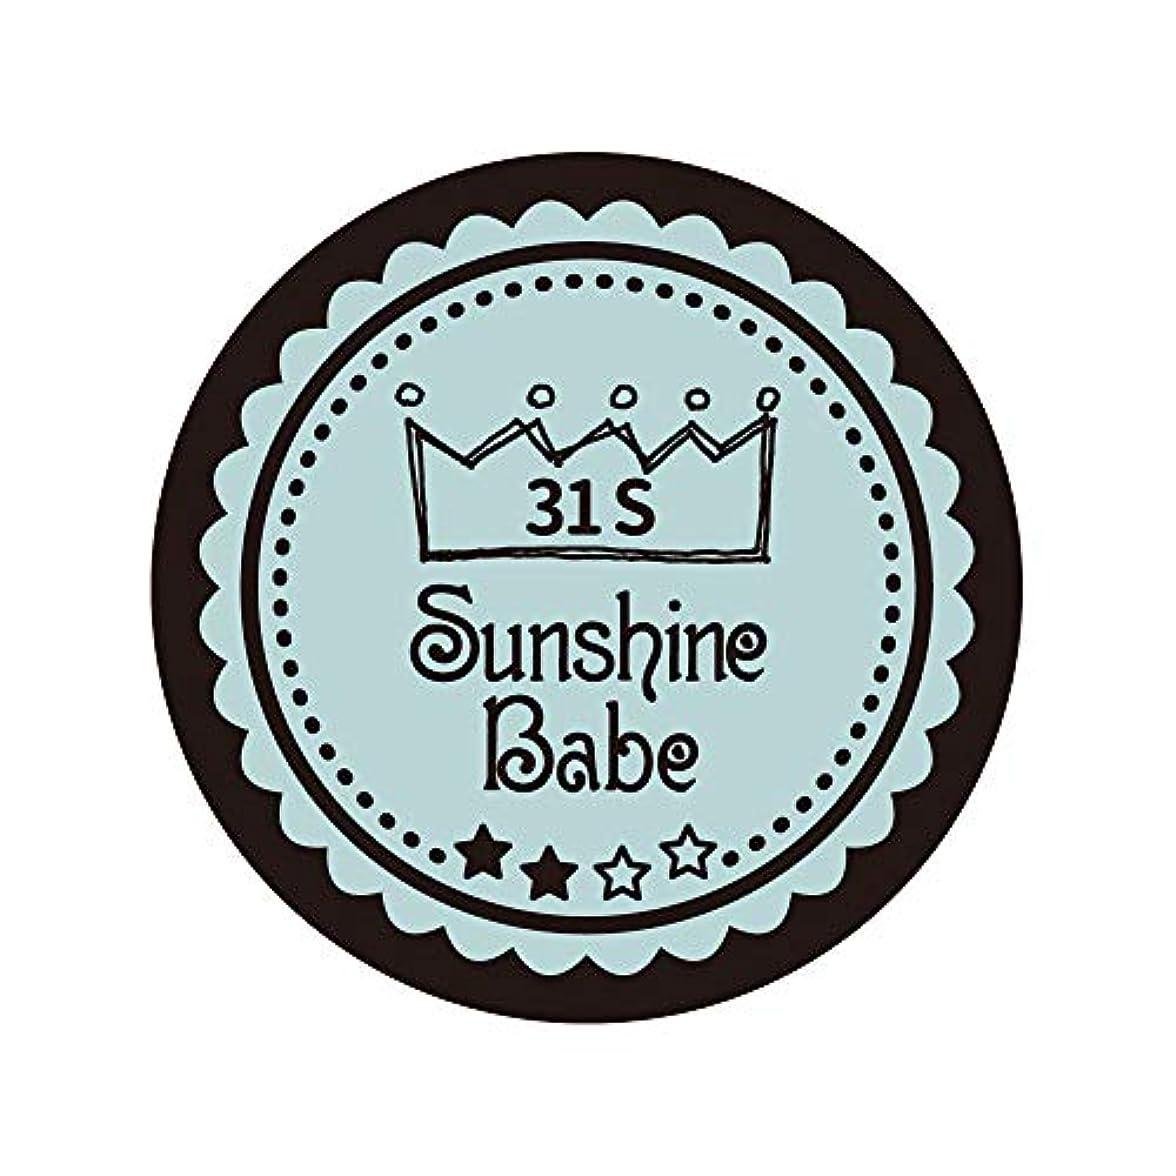 マージンコマース速記Sunshine Babe カラージェル 31S アイスブルー 2.7g UV/LED対応